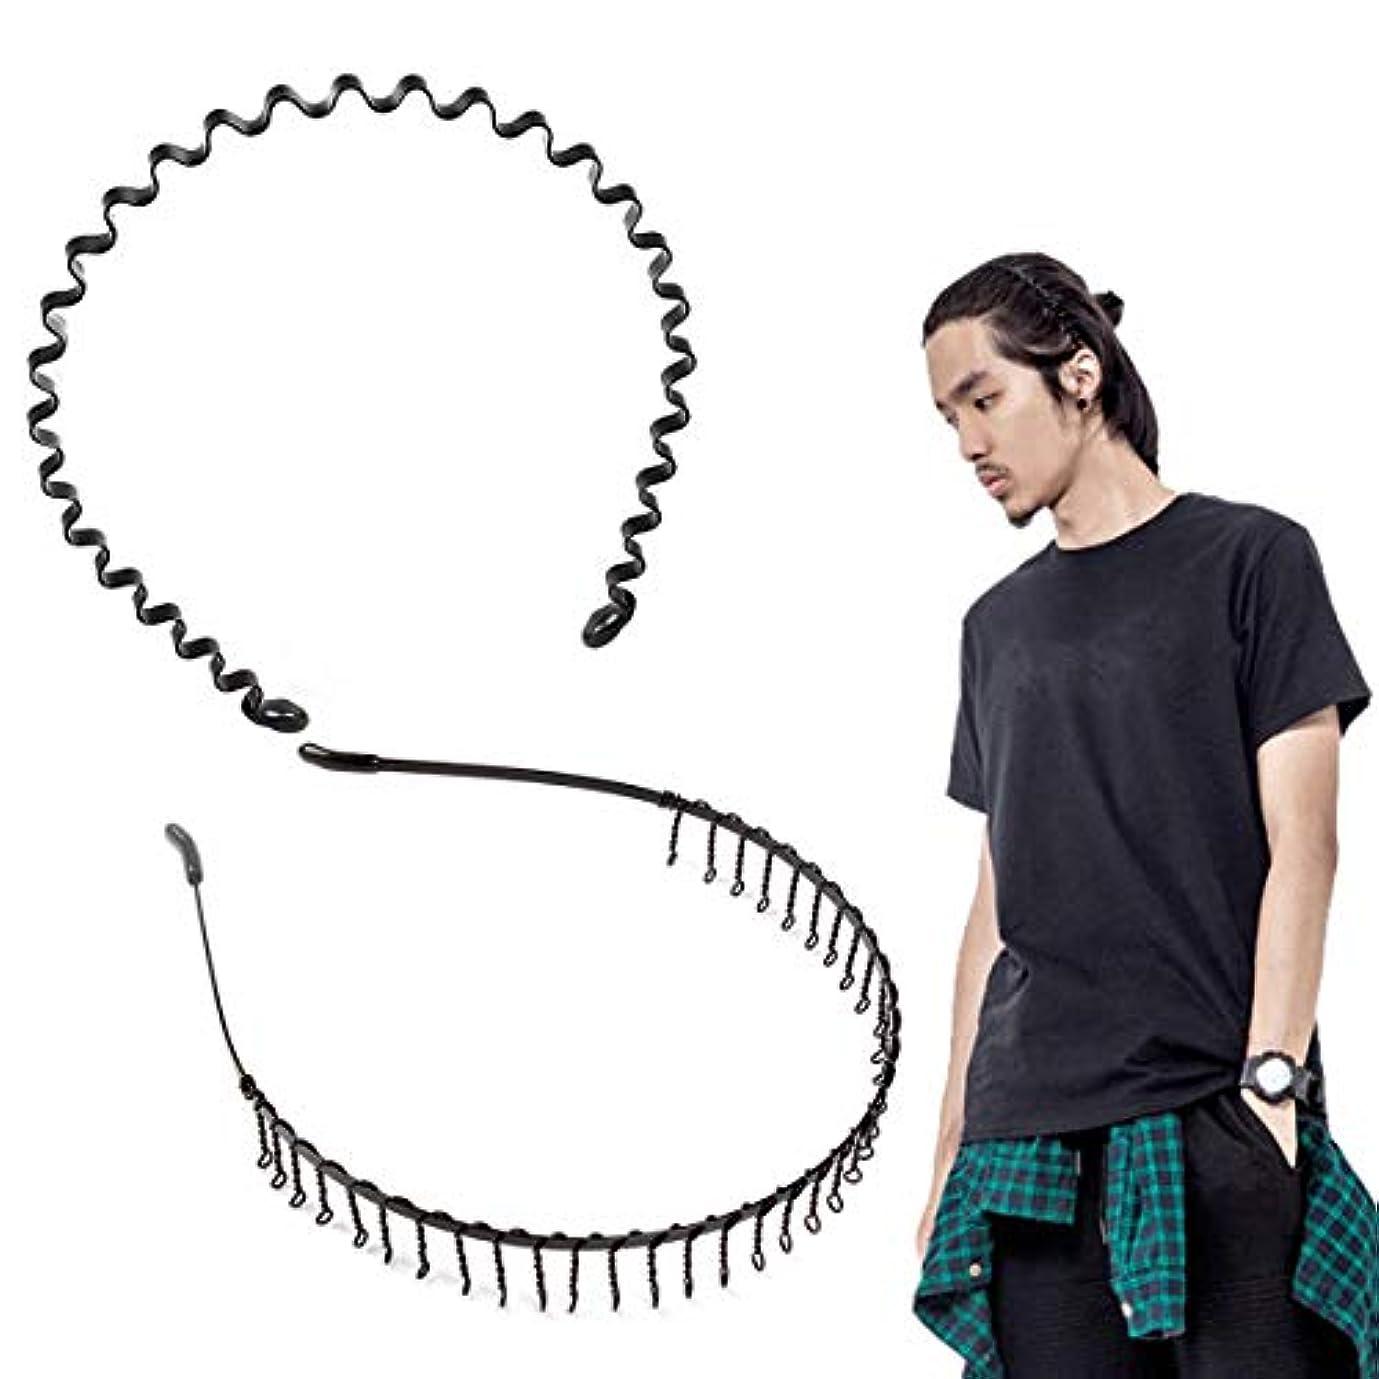 銀行伝染性の付添人shefun メンズ カチューシャ スプリング ヘアバンド 鉄 波型 くし付き 滑り止め 痛くない 黒 シンプル 前髪 髪飾り 2本セット JP159